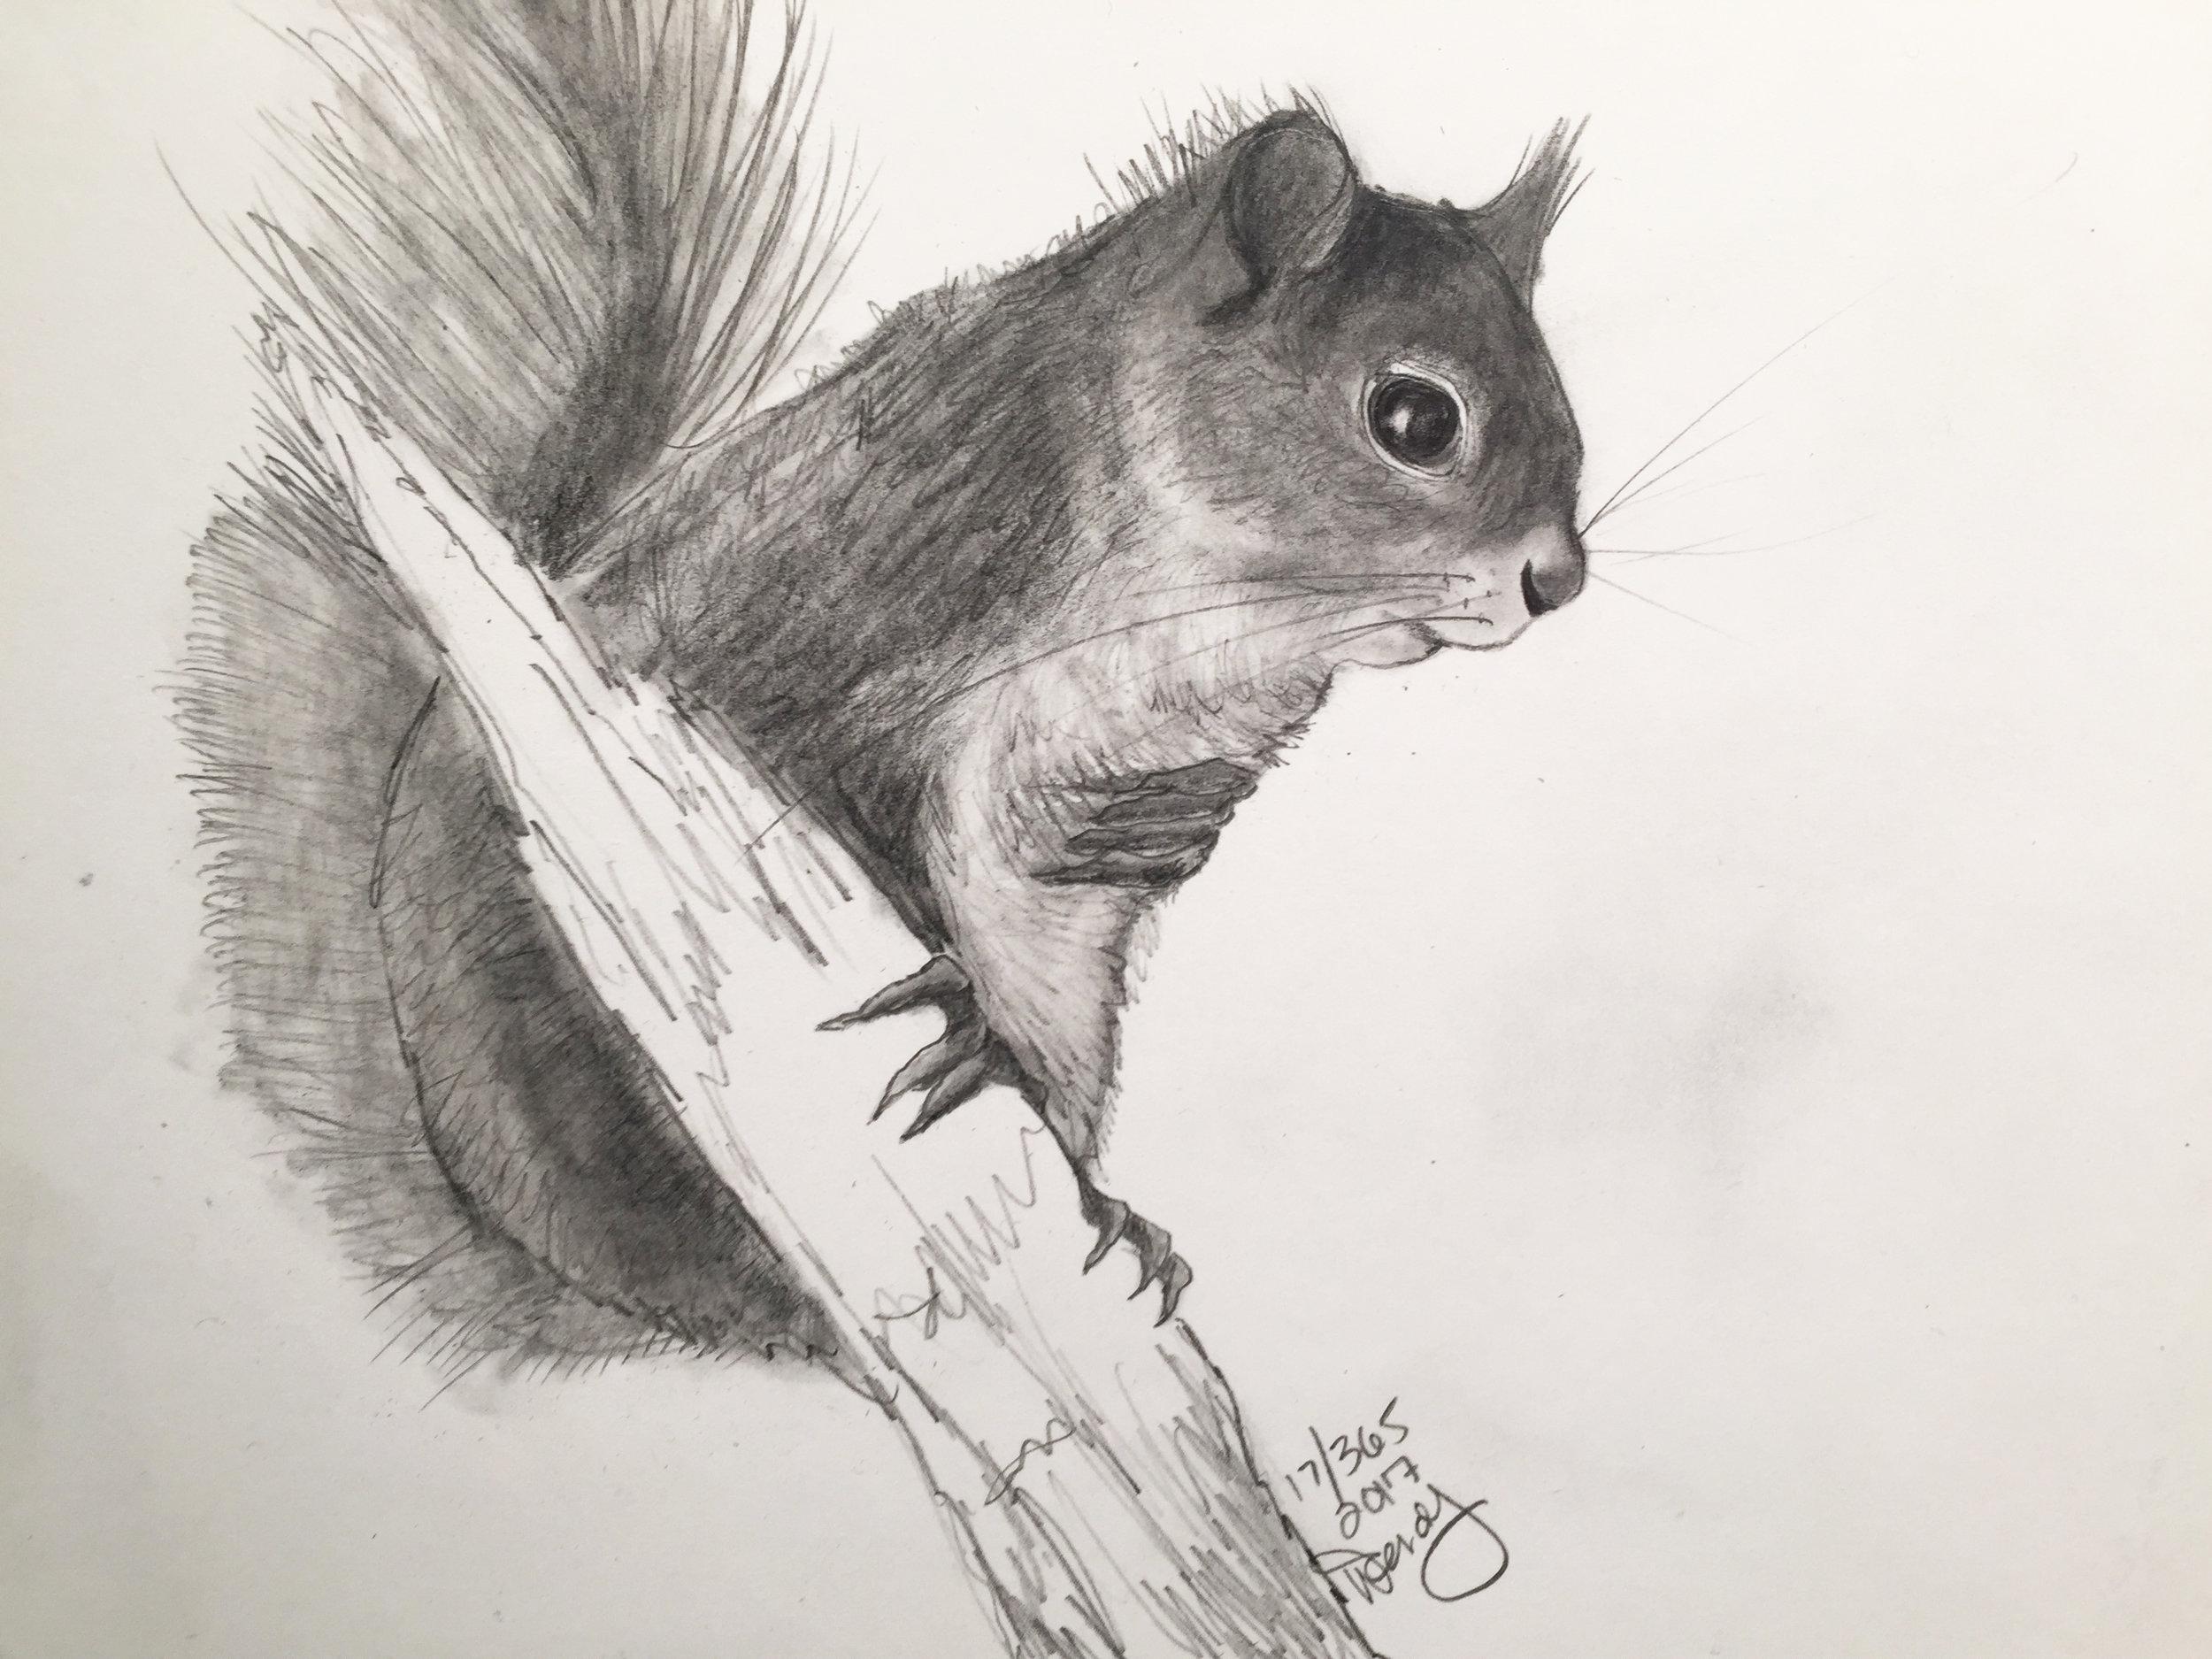 17-365-redsquirrel.JPG